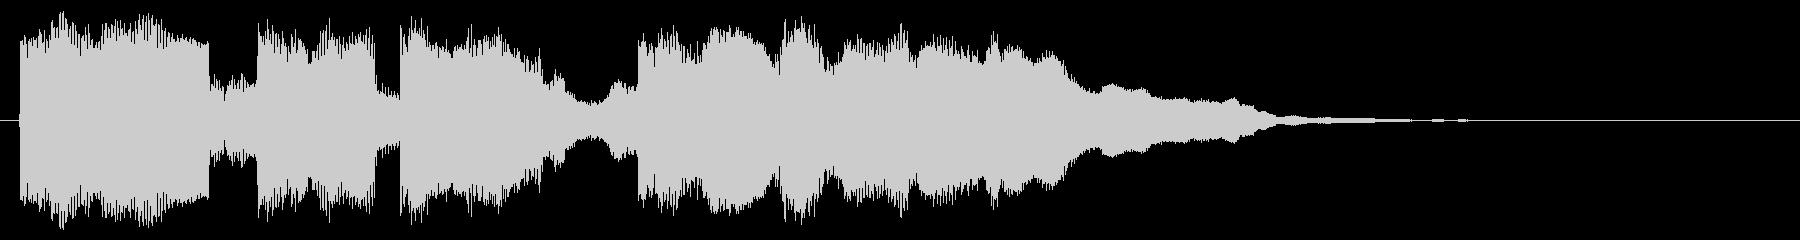 コミカルな音 マヌケなフレーズ 面白い音の未再生の波形